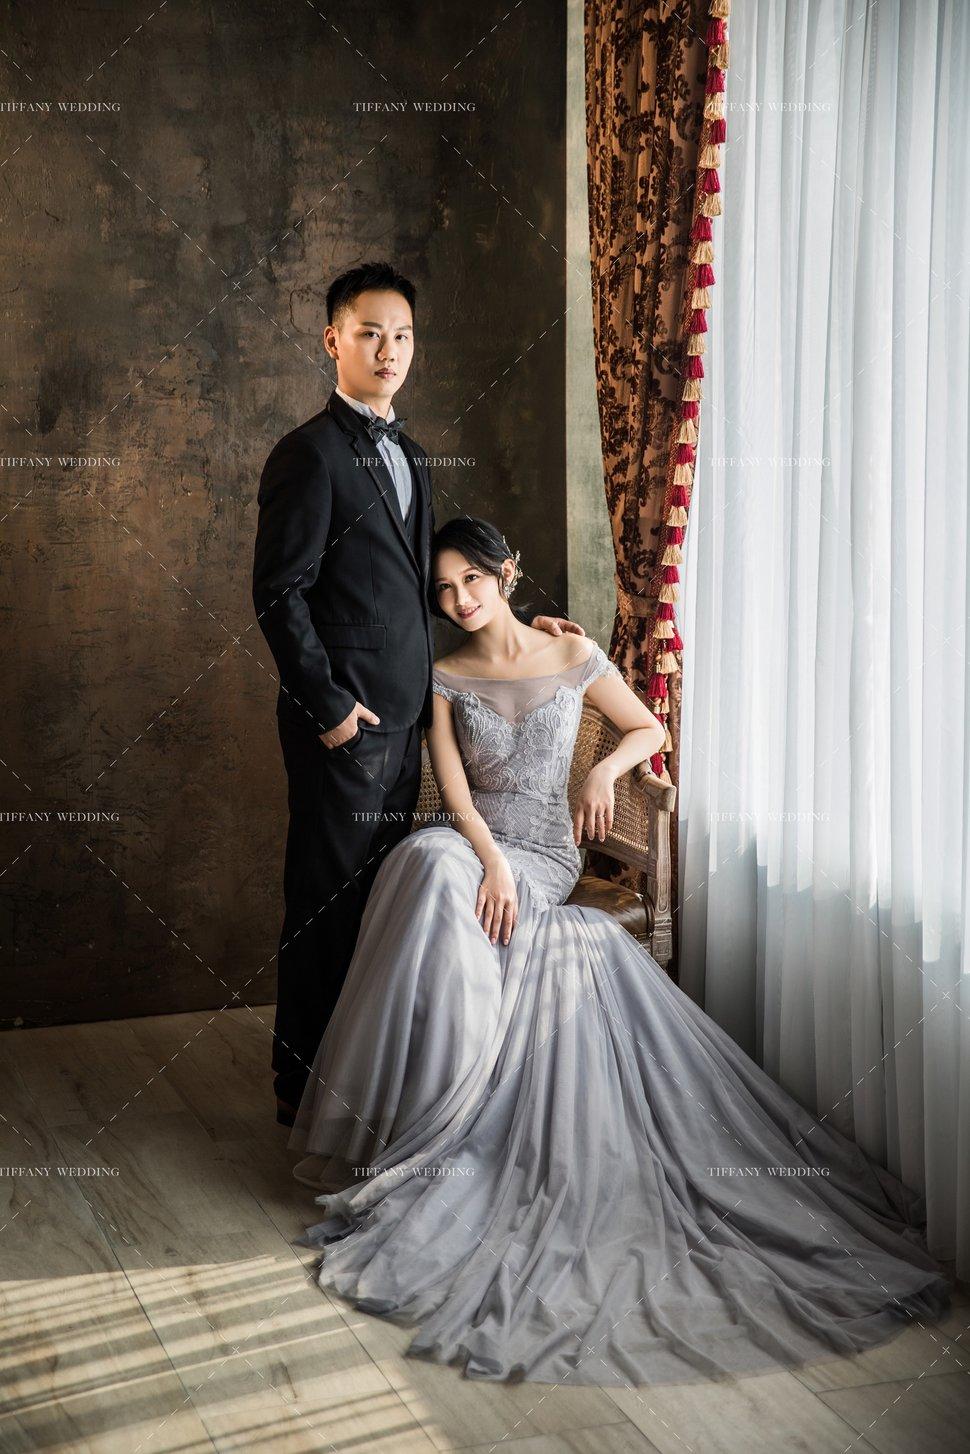 婚紗攝影/婚紗照/台中帝芬妮婚紗/台中婚紗 - 台中帝芬妮精品婚紗《結婚吧》